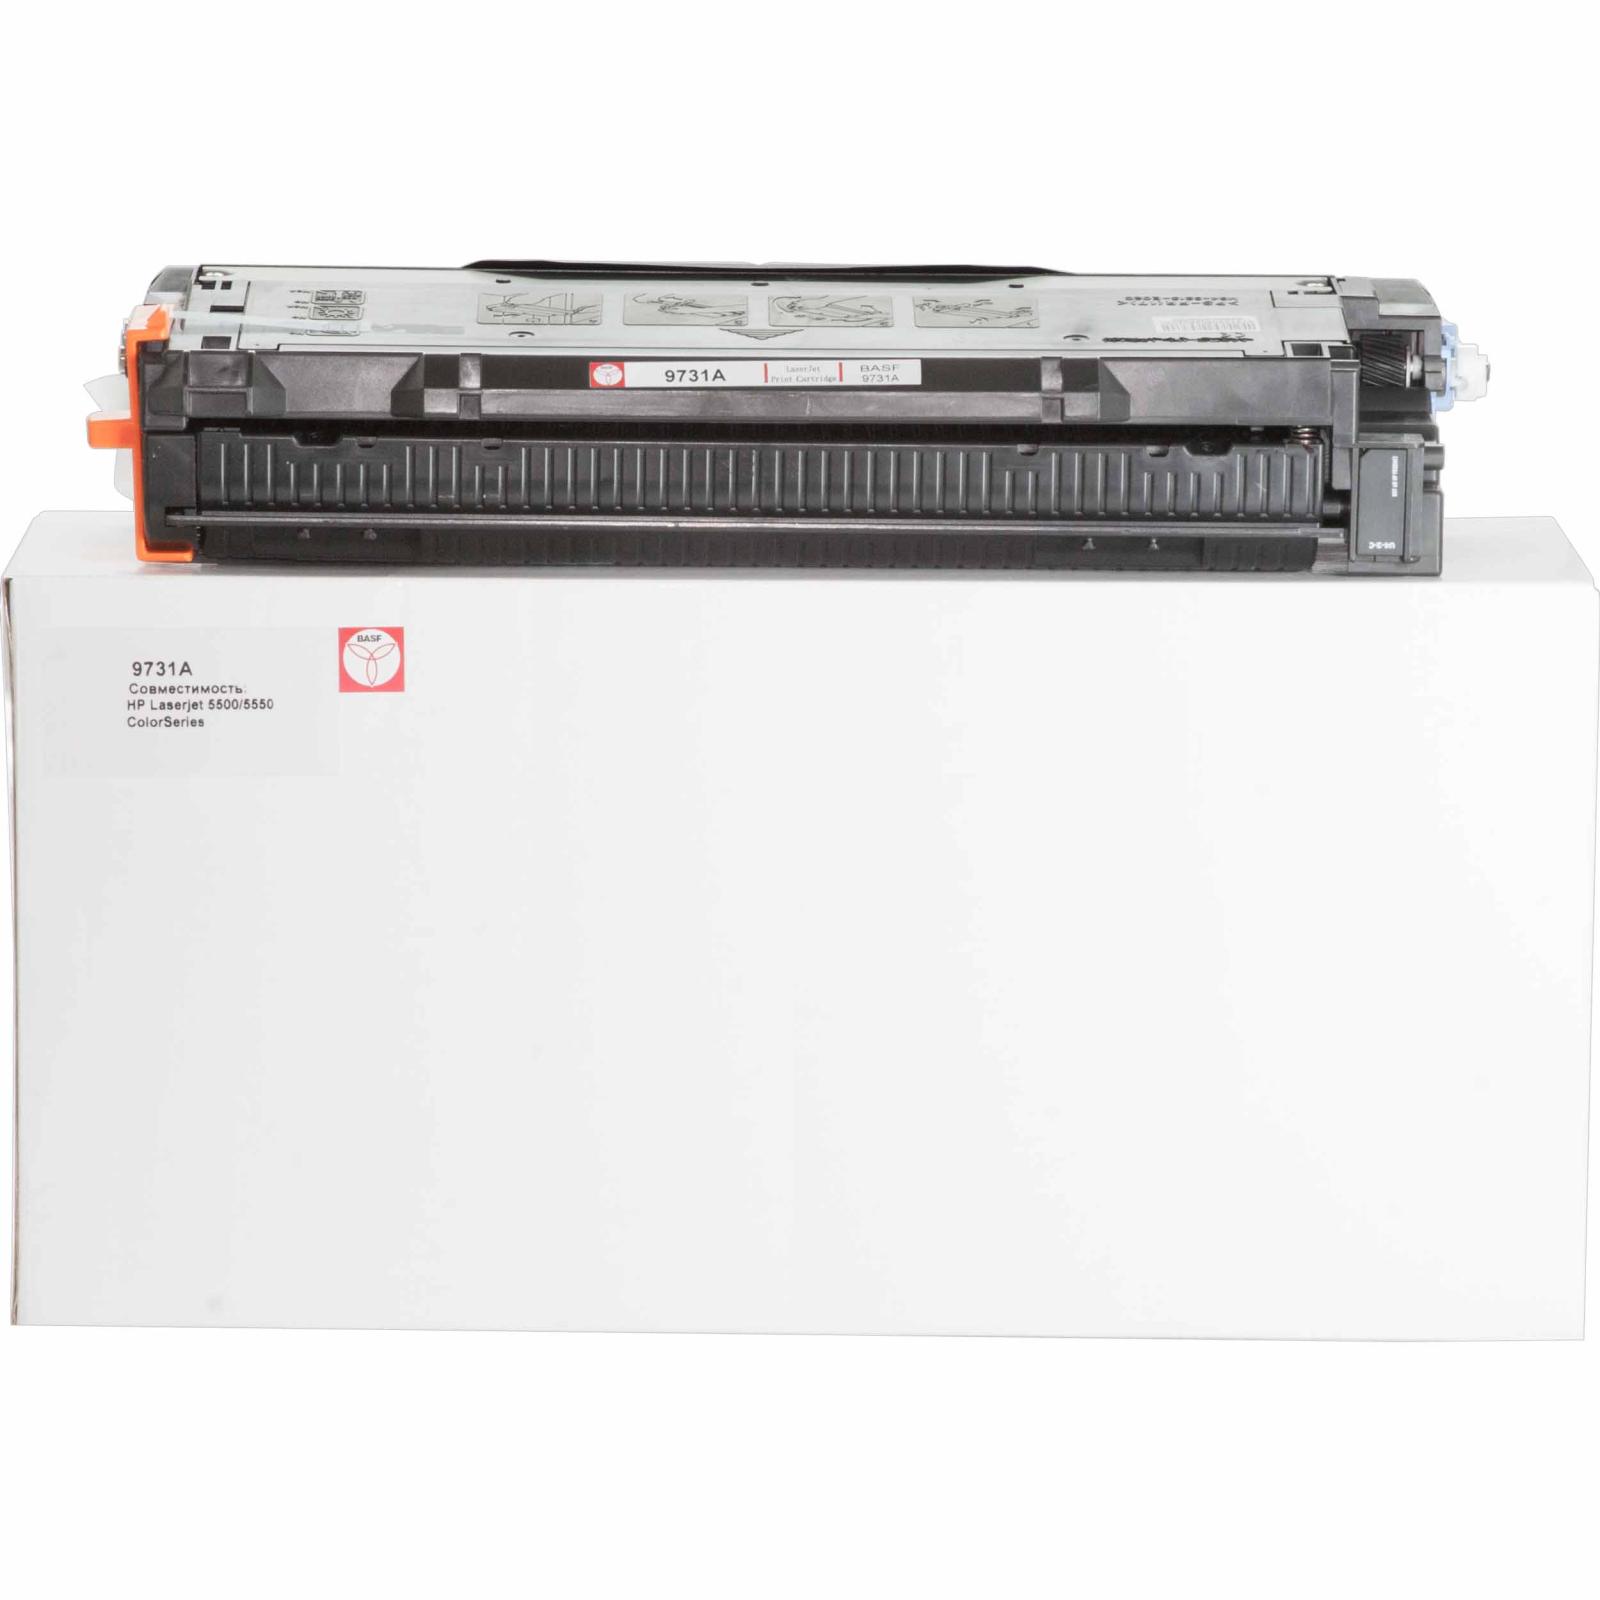 Картридж BASF для HP CLJ 5500/5550 Cyan (KT-C9731A)